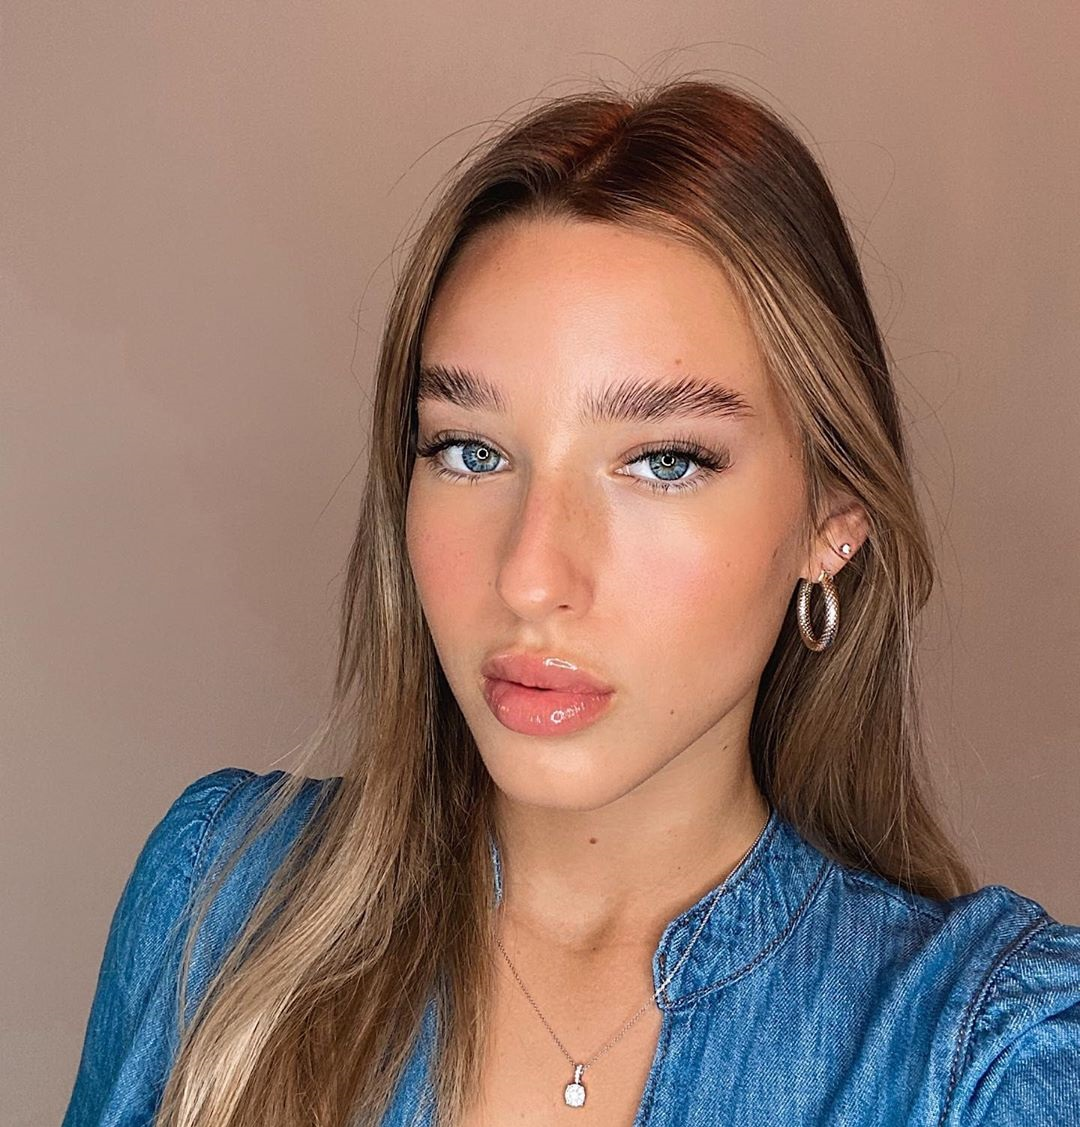 Tanya-Lauren-Wallpapers-Insta-Fit-Bio-8